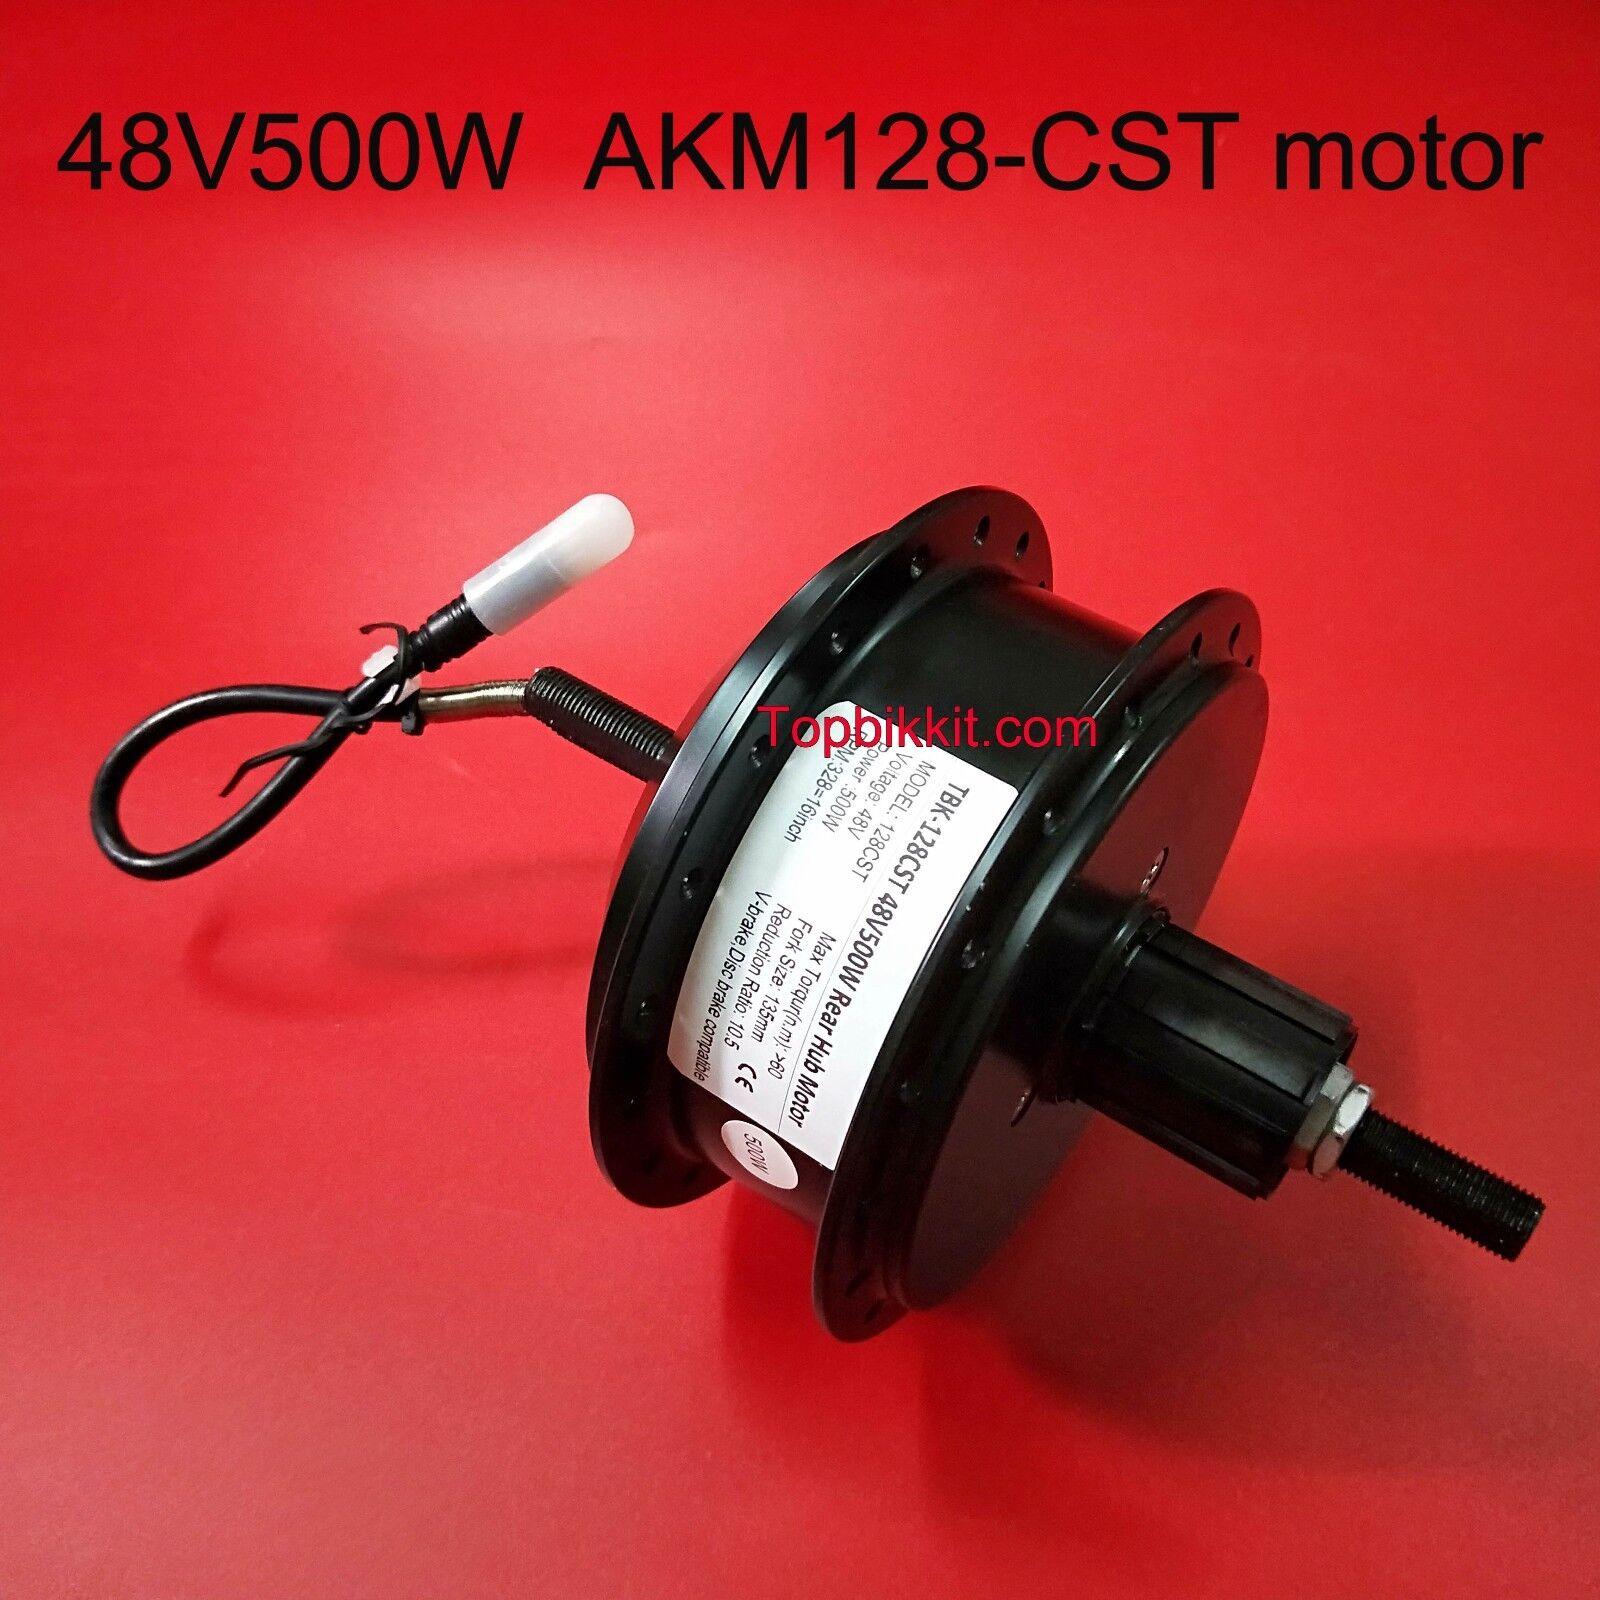 Ebike 48V 500W CST Rear Hub Motor 135mm  Q128 48V 500W CST gear motor for ebike